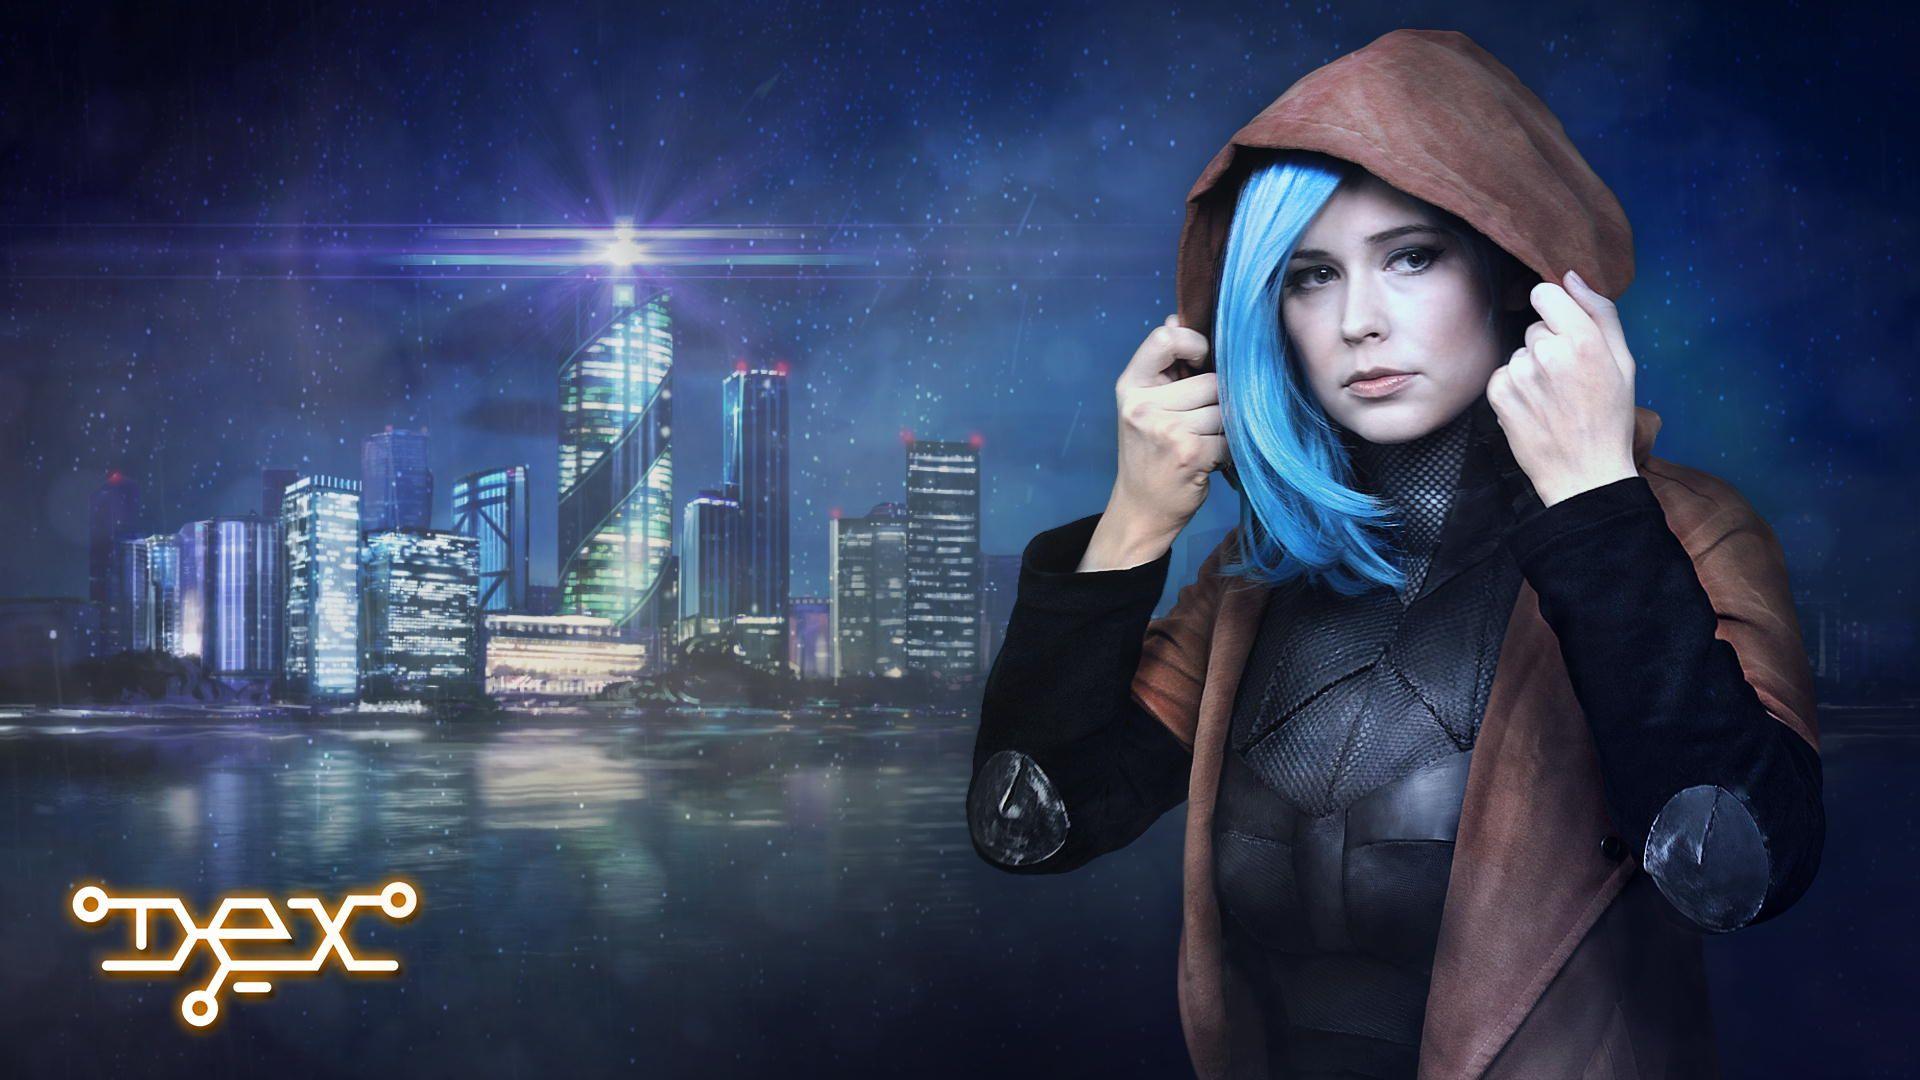 Cosplay of Dex by Baty. Dex - 2D cyberpunk indie RPG game - www.dex-rpg.com